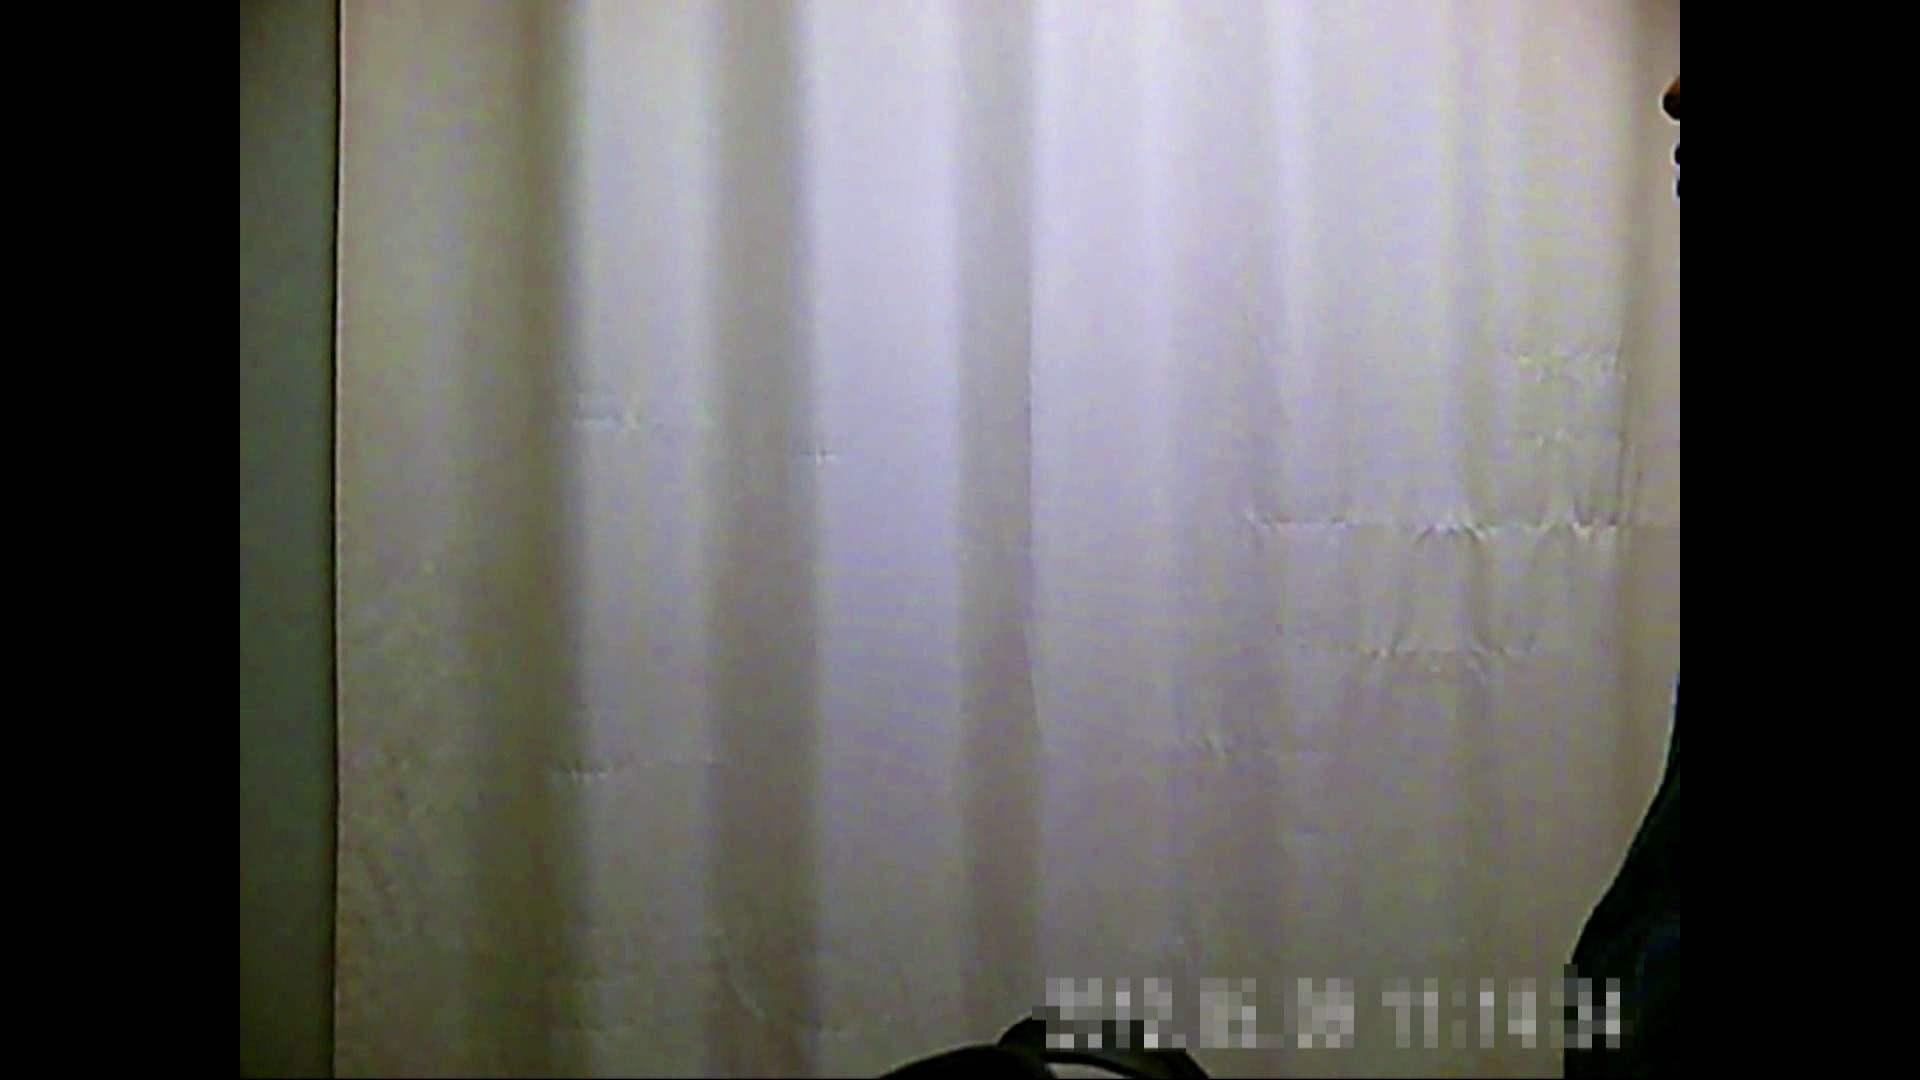 元医者による反抗 更衣室地獄絵巻 vol.002 OLハメ撮り  40Pix 24